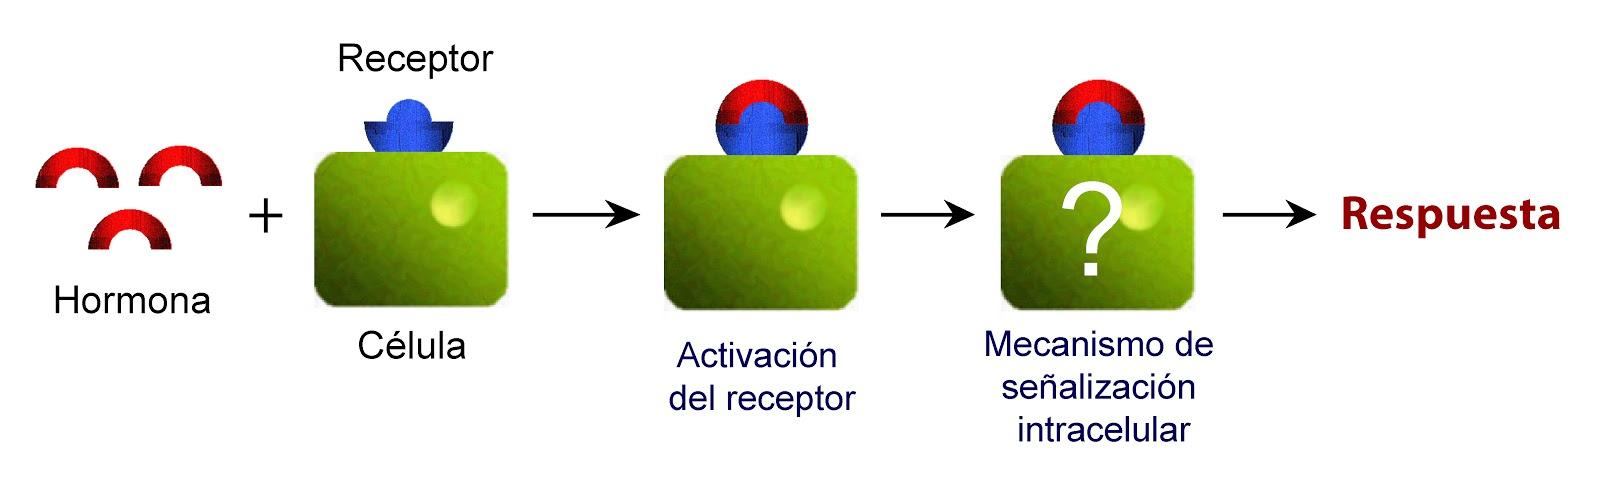 La hormona activa su receptor en la célula y éste pone en marcha un mecanismo que produce una respuesta